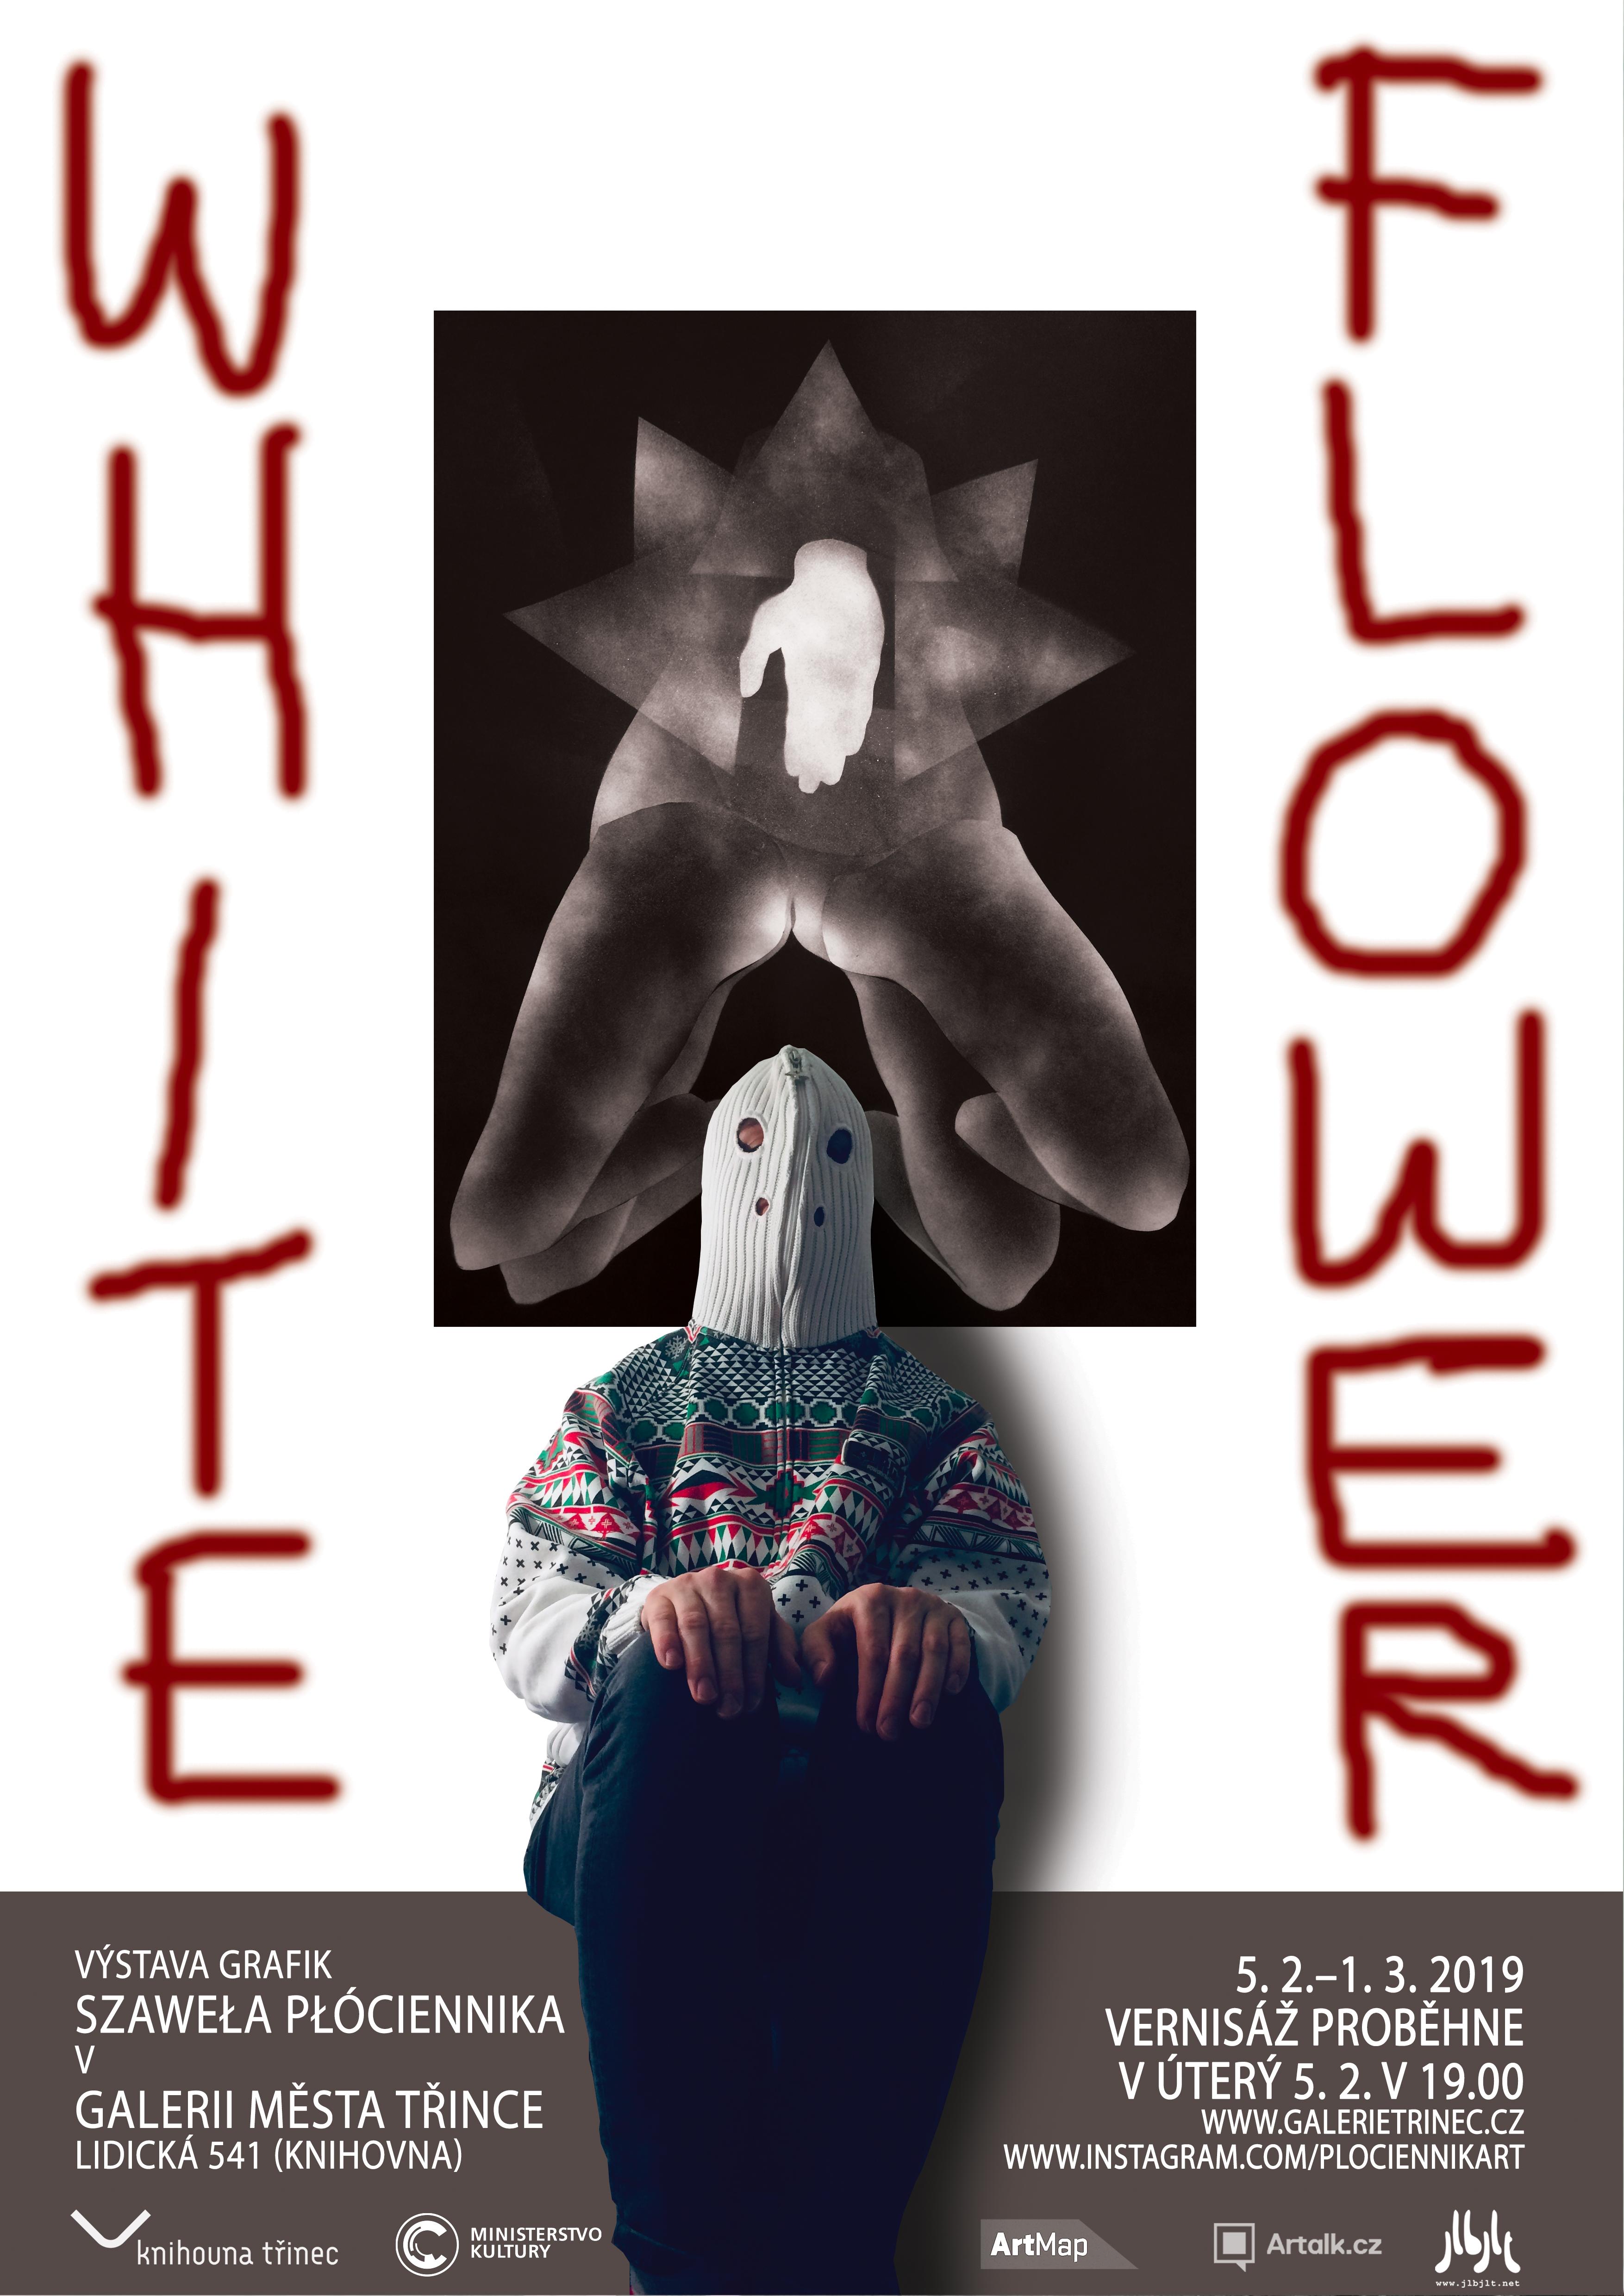 Szaweł Płóciennik: White flower